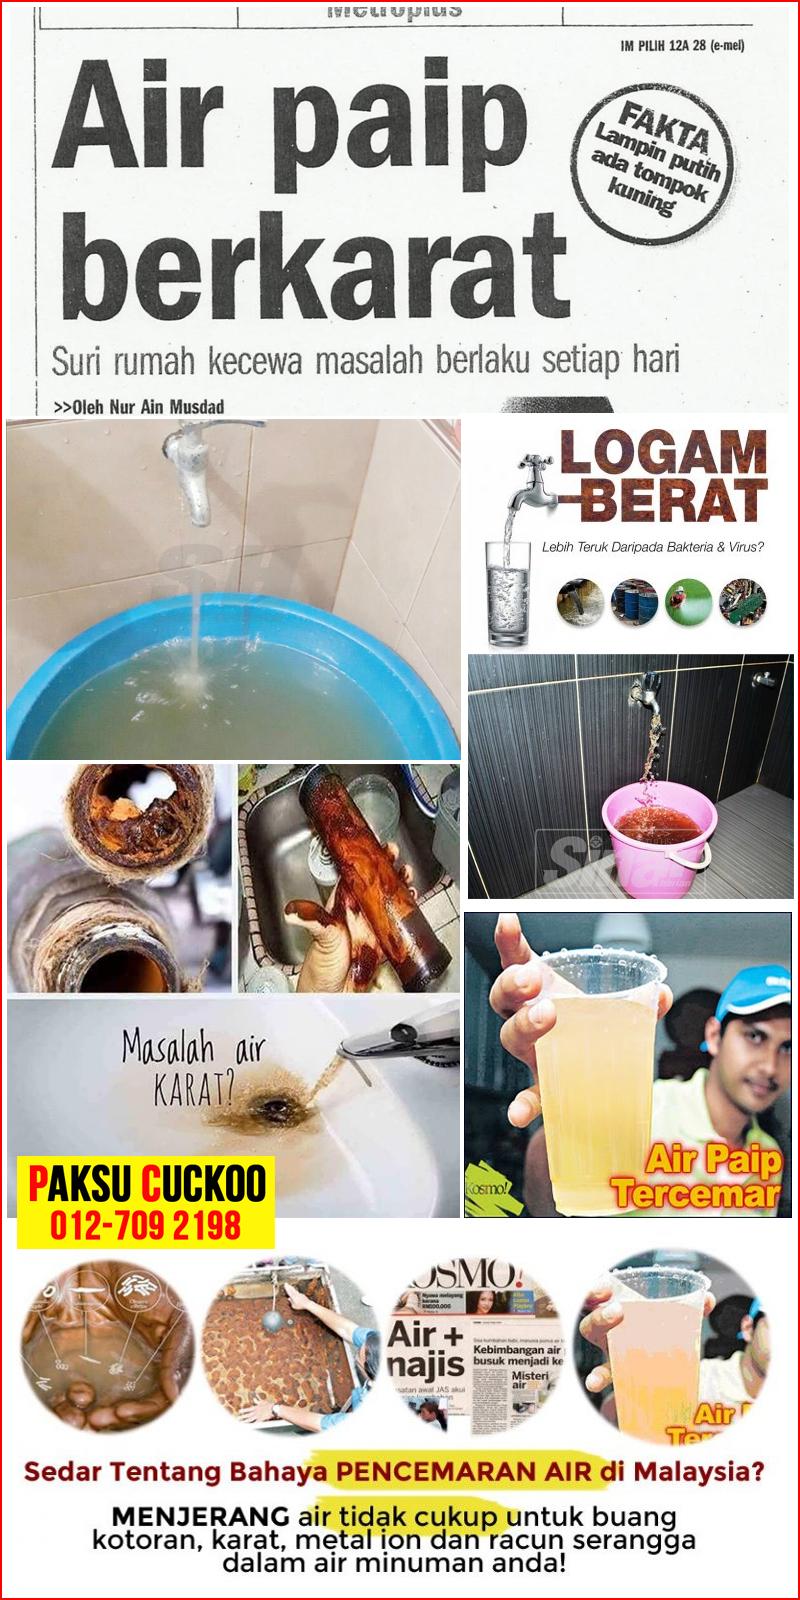 semua rumah di malaysia memerlukan cuckoo outdoor water purifier sarawak kuching mesin penulen air luar rumah untuk membersihkan air yang masuk ke dalam rumah bersih